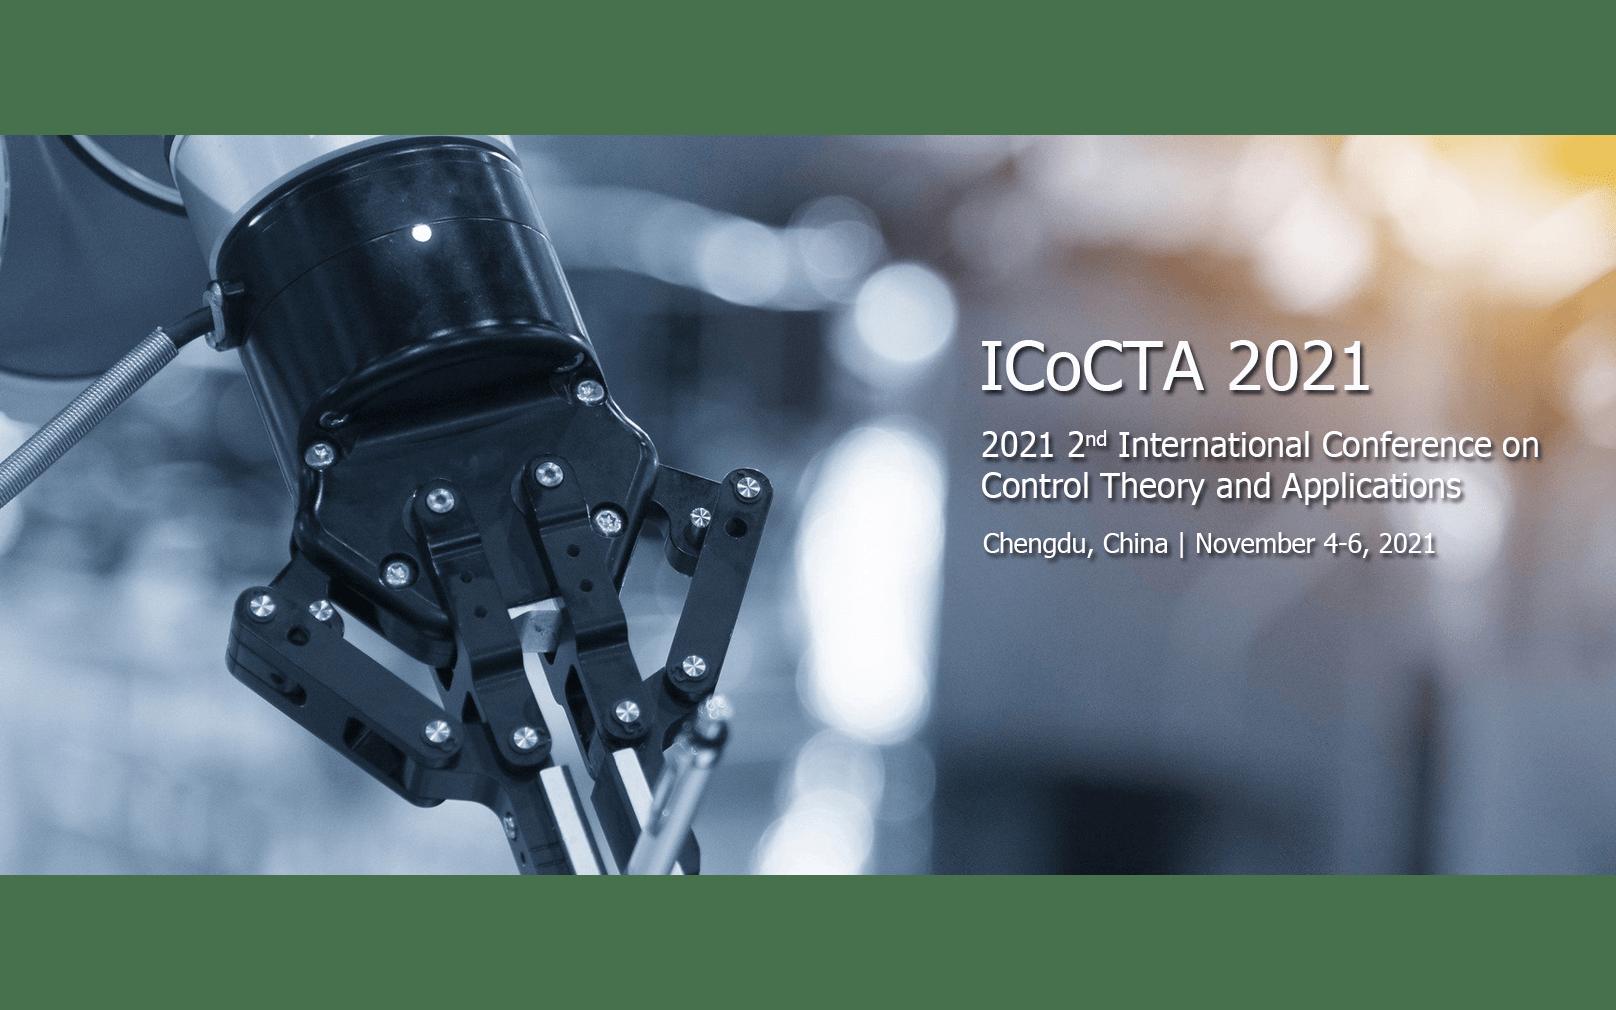 2021年第二届控制理论与应用国际会议(ICoCTA 2021)EI检索